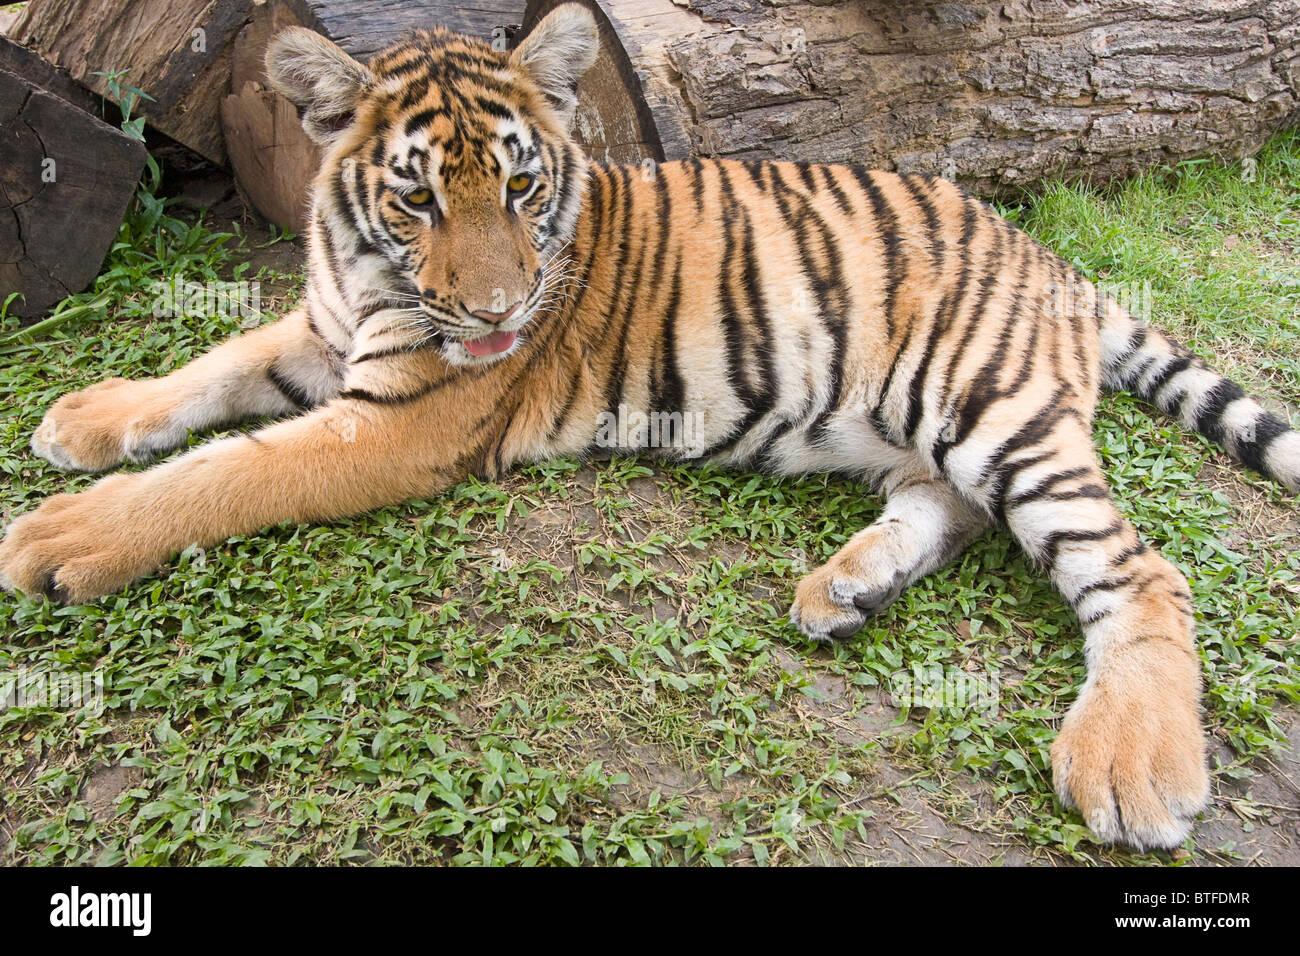 Sei-mese-vecchio Tigrotto. Queste sono le tigri indocinese, chiamato Corbett tiger, una sottospecie trovata nel Immagini Stock